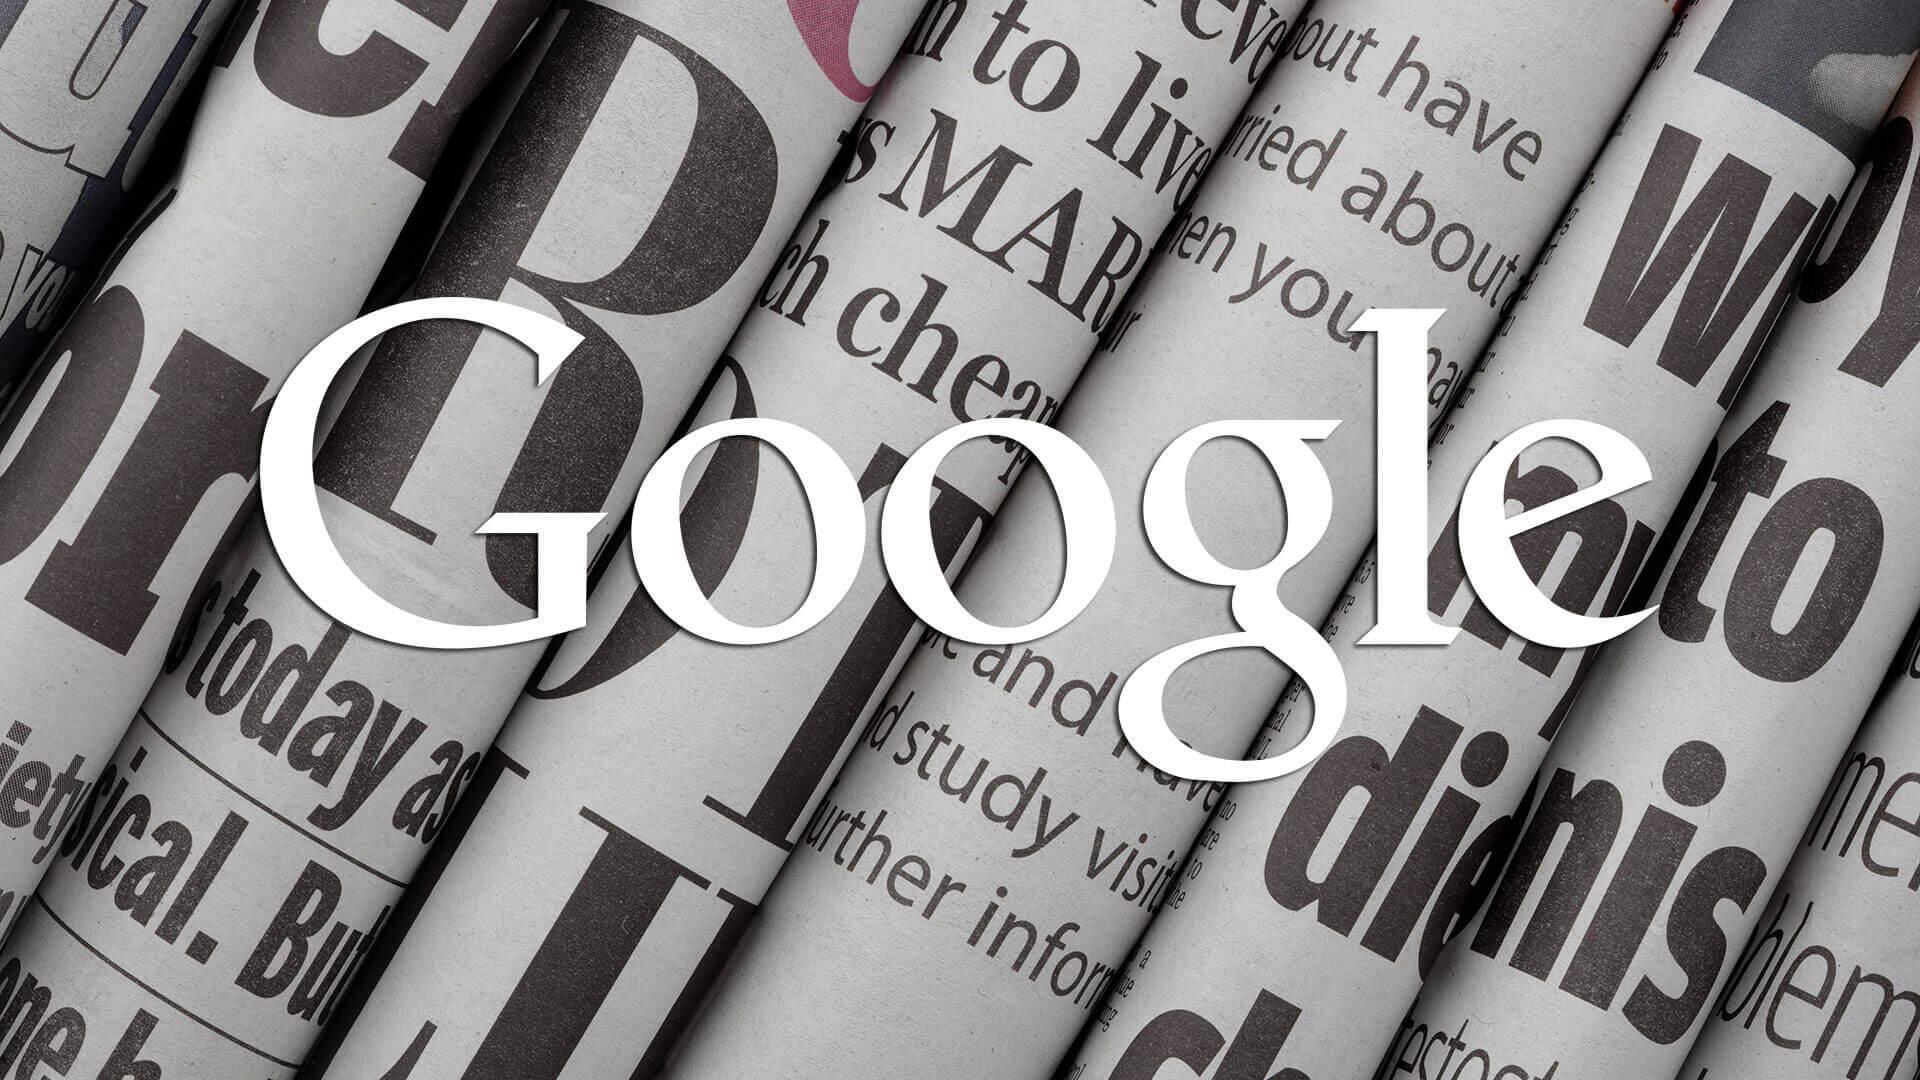 google news ss 1920 - Adeus notícias falsas: Google News Initiative irá fortalecer jornalismo de qualidade